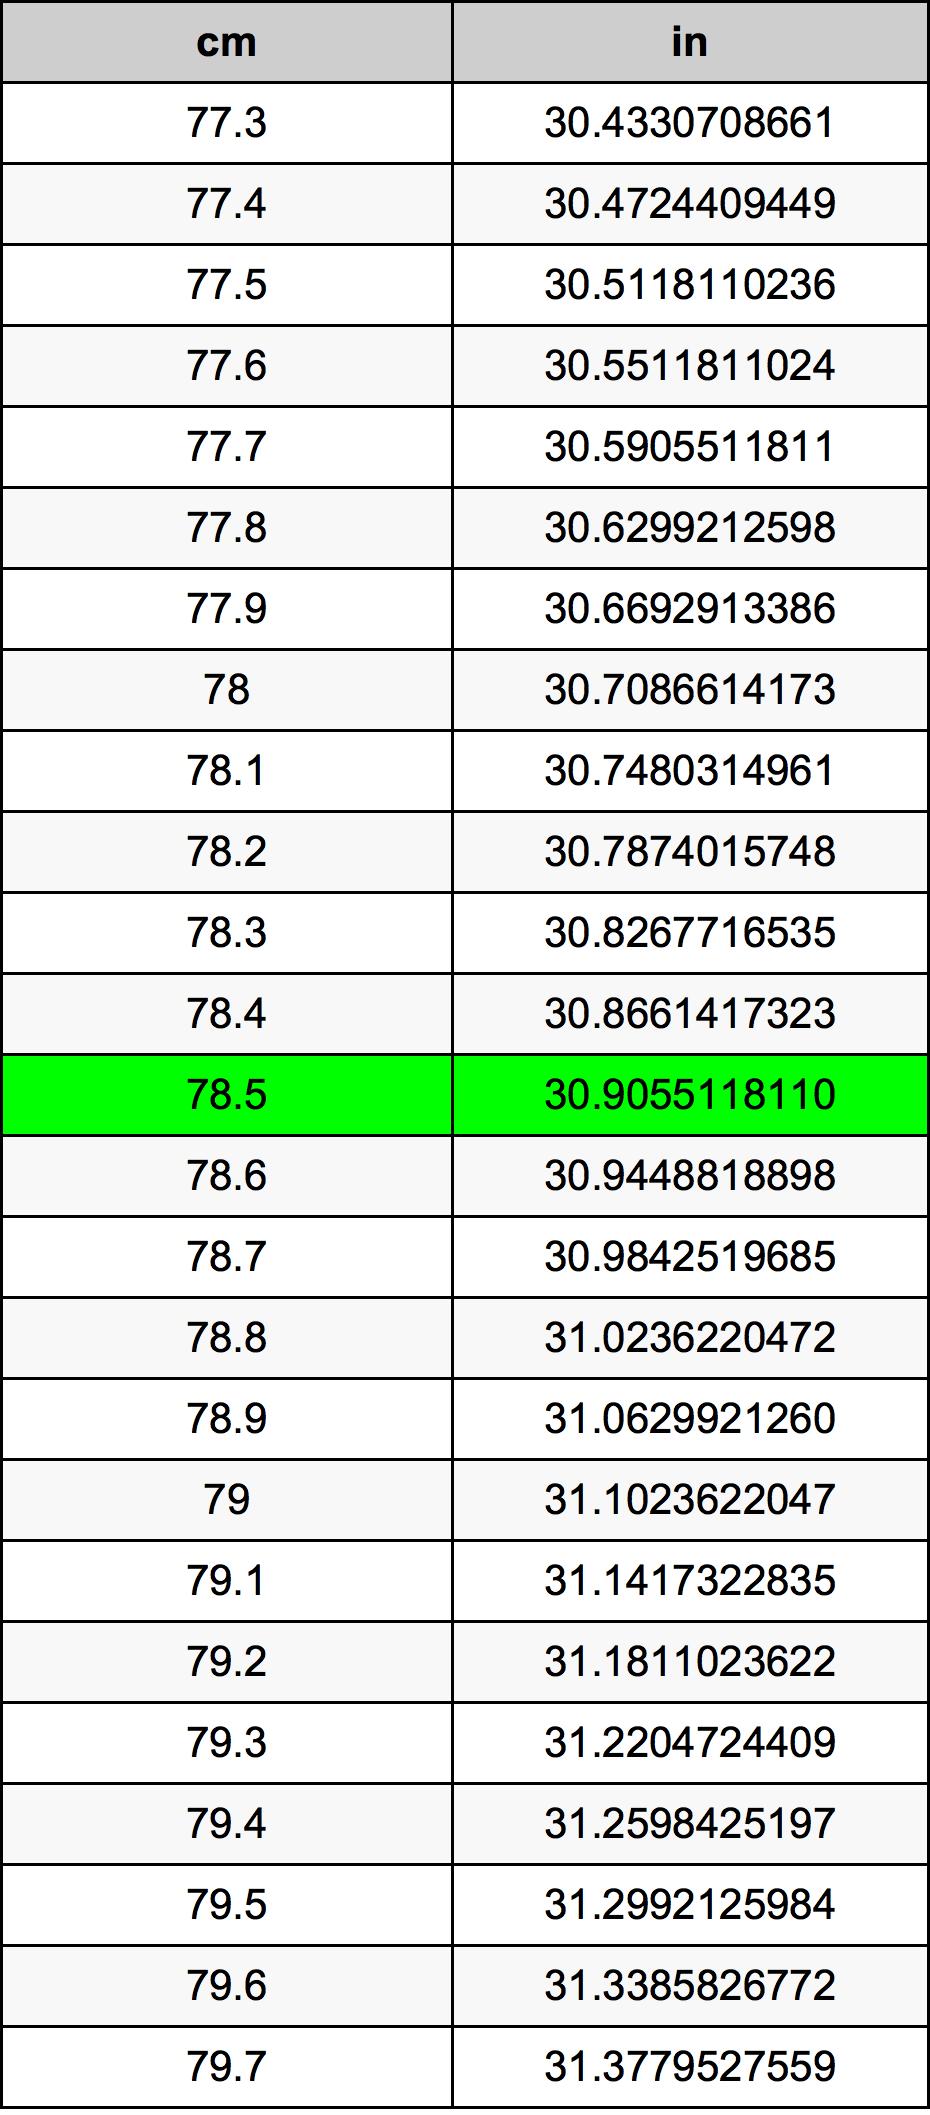 78.5 Centiméter átszámítási táblázat